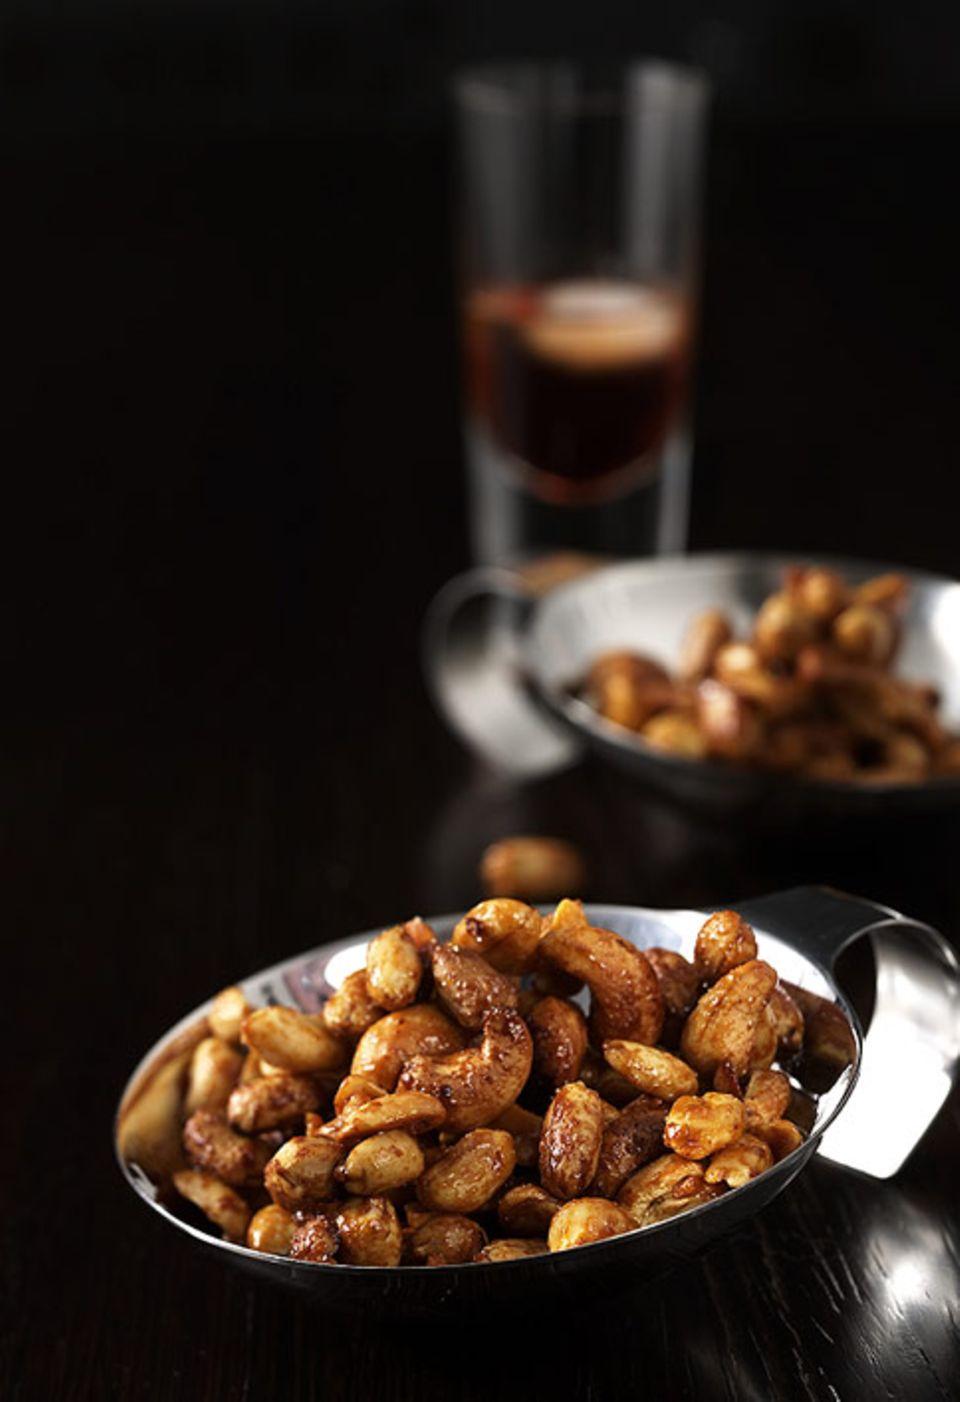 Nicht nur in der Weihnachtszeit eine köstliche Knabberei: Nüsse